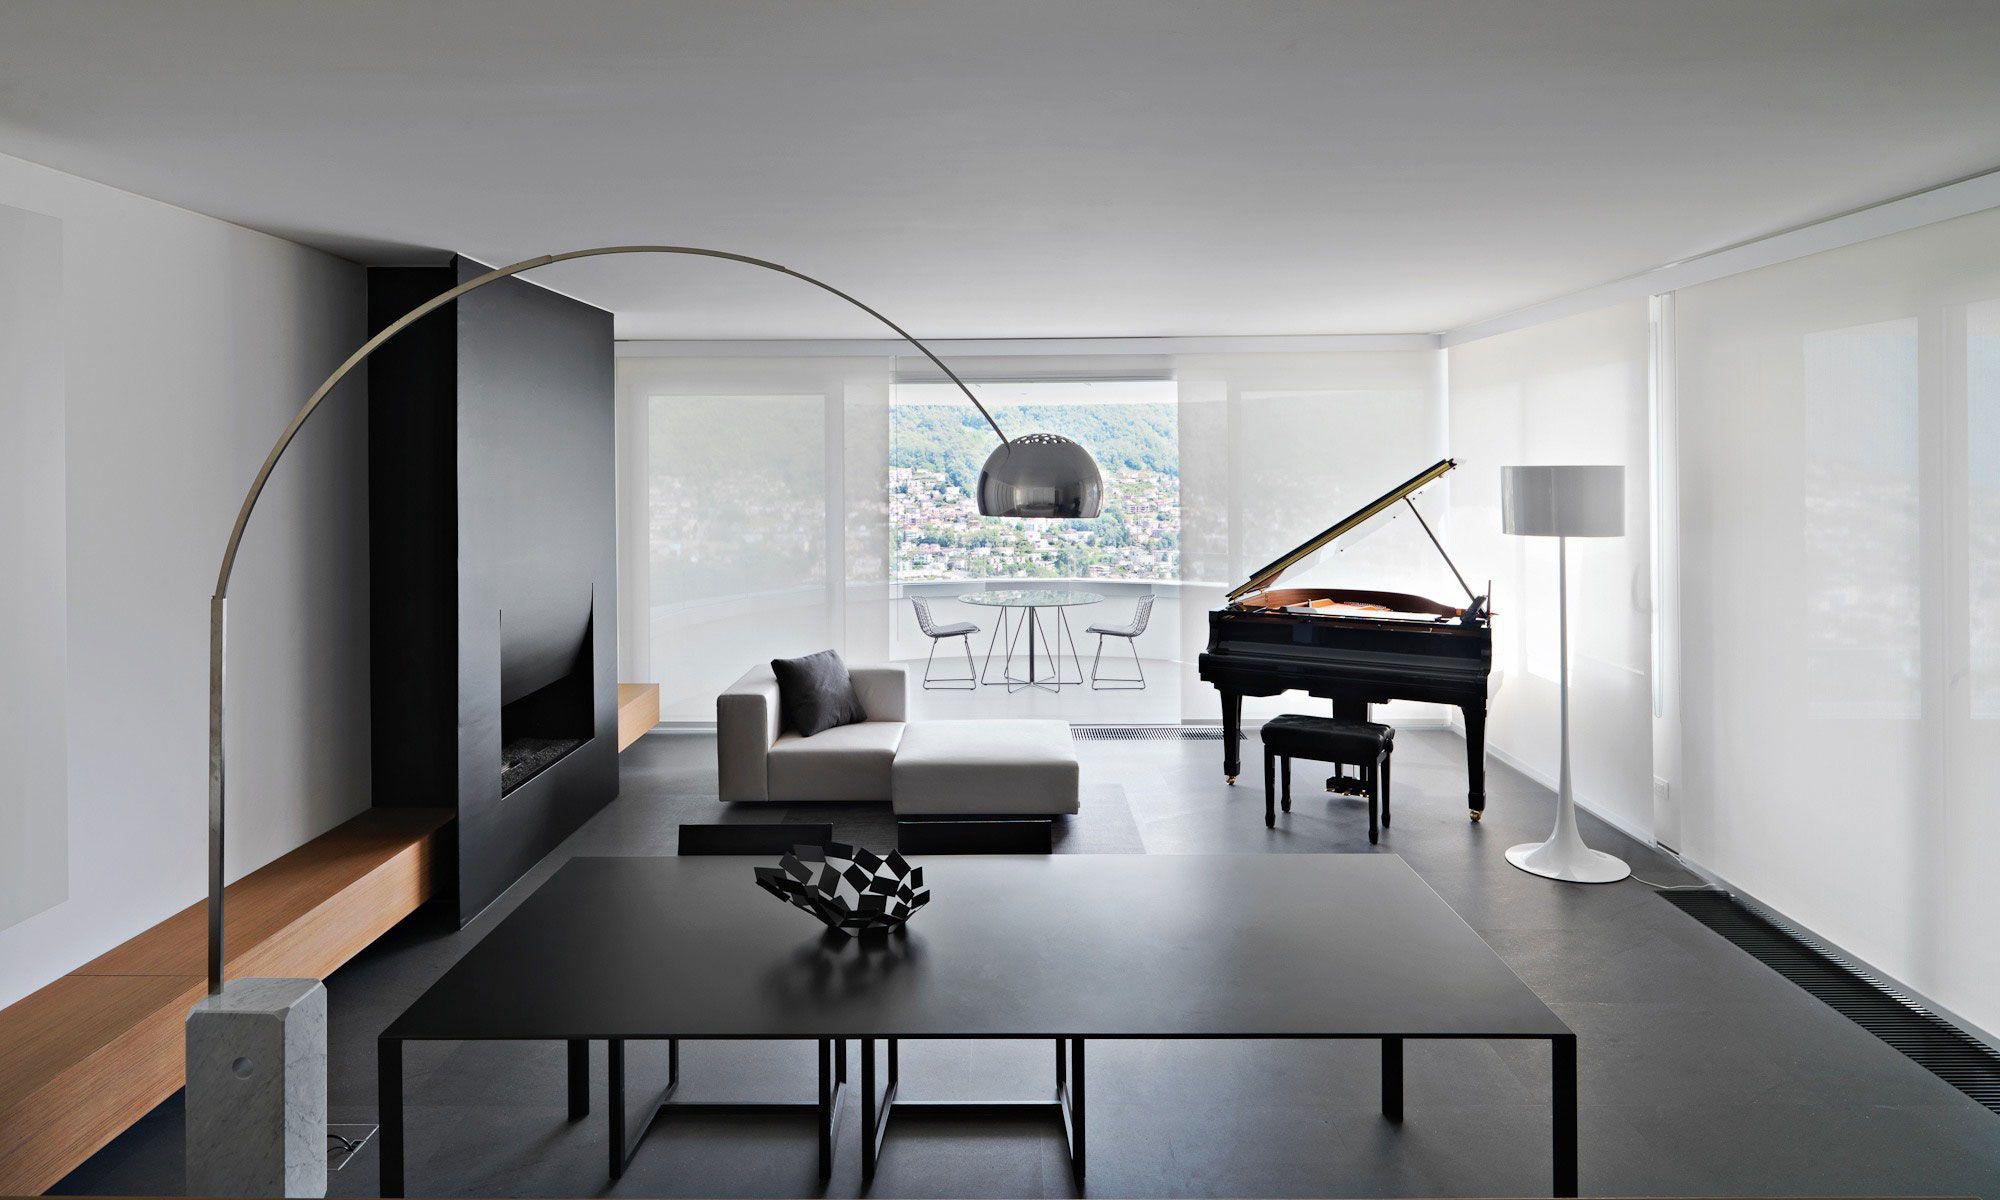 70 Moderne, Innovative Luxus Interieur Ideen Fürs Wohnzimmer   Extravagant  Lampion Design Minimalistisch Idee Wohnzimmer